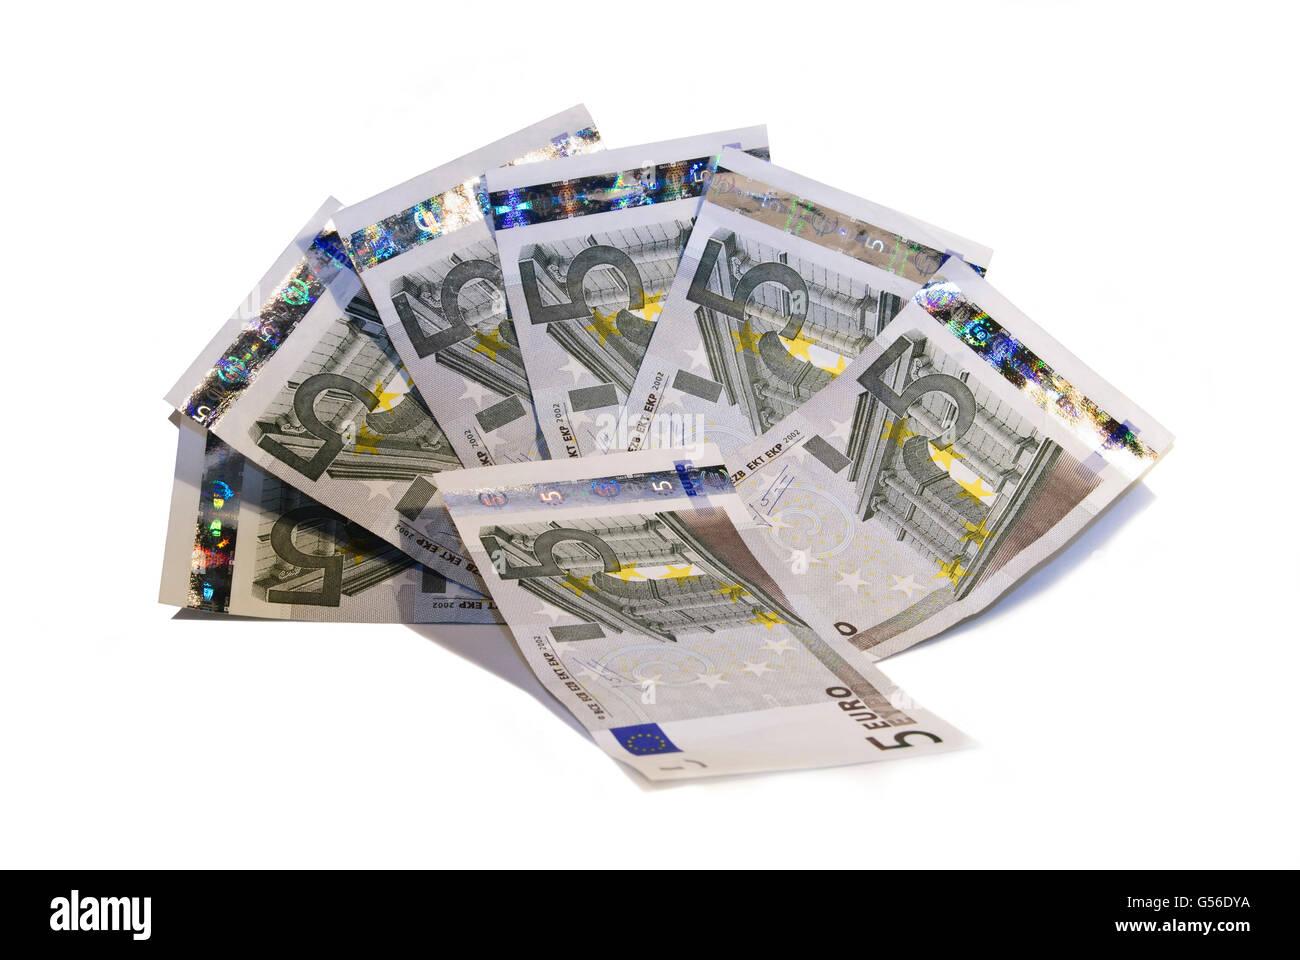 Five euro banknotes, Billetes de cinco euros - Stock Image